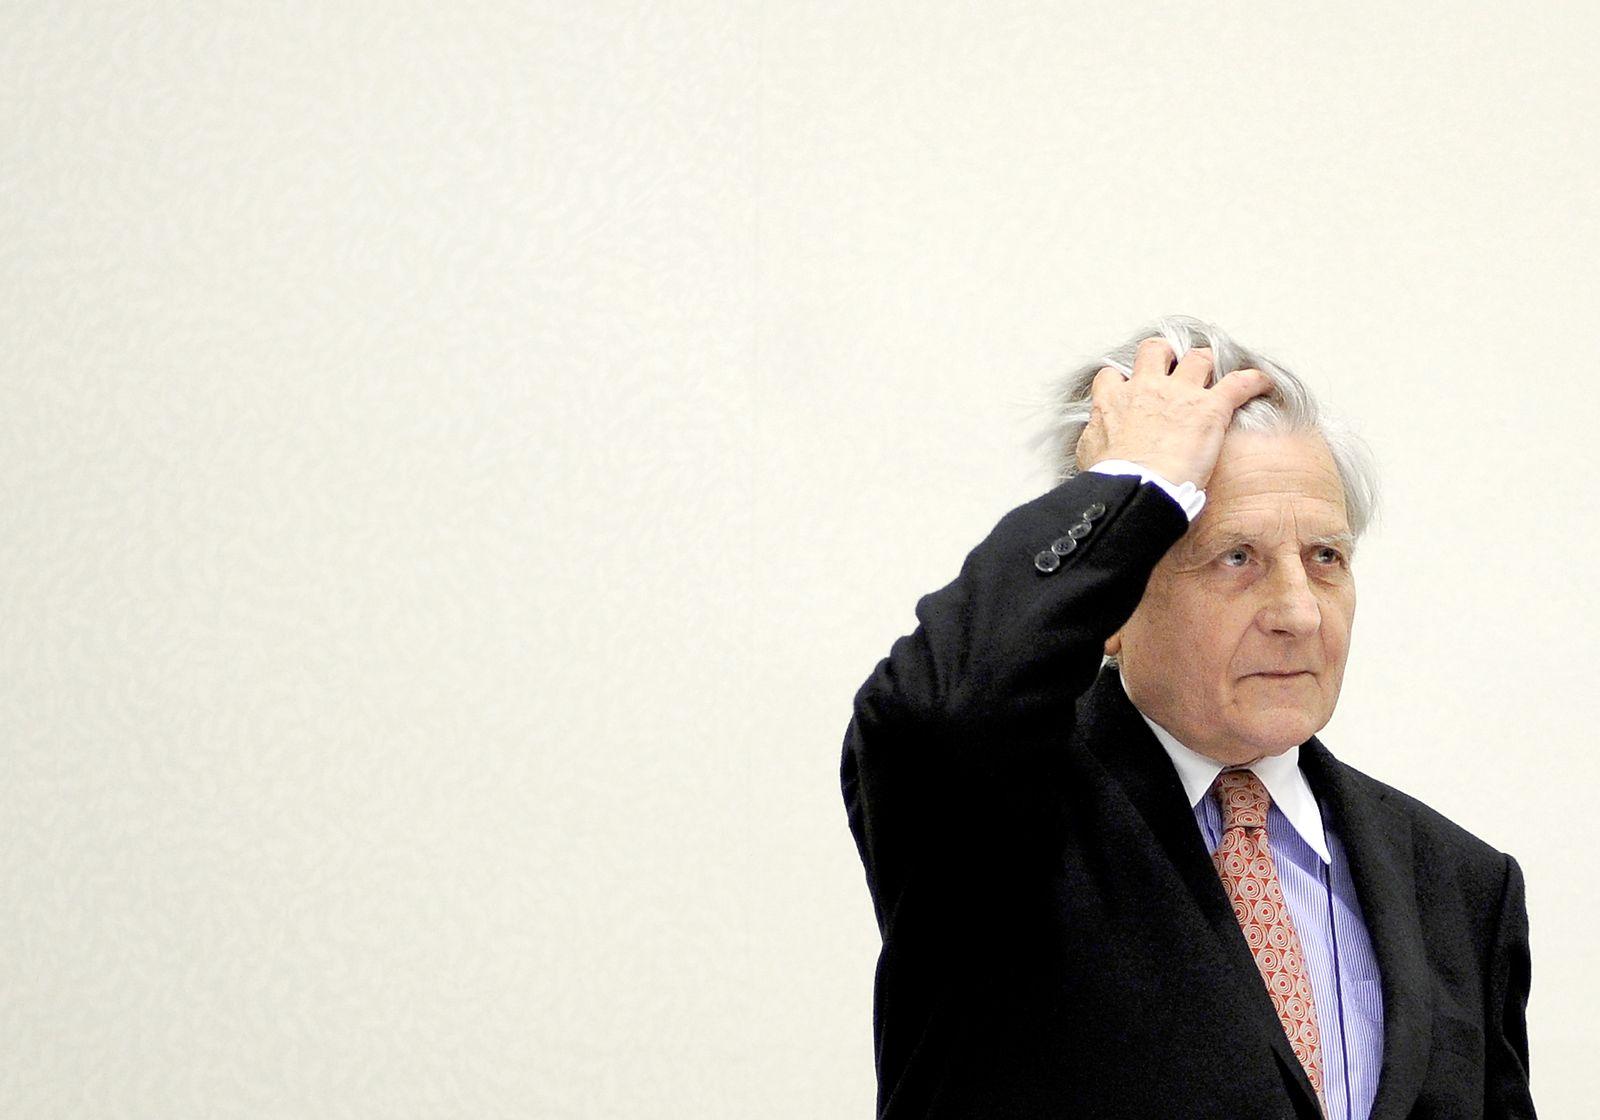 Zentralbank-Chef Trichet zersaust